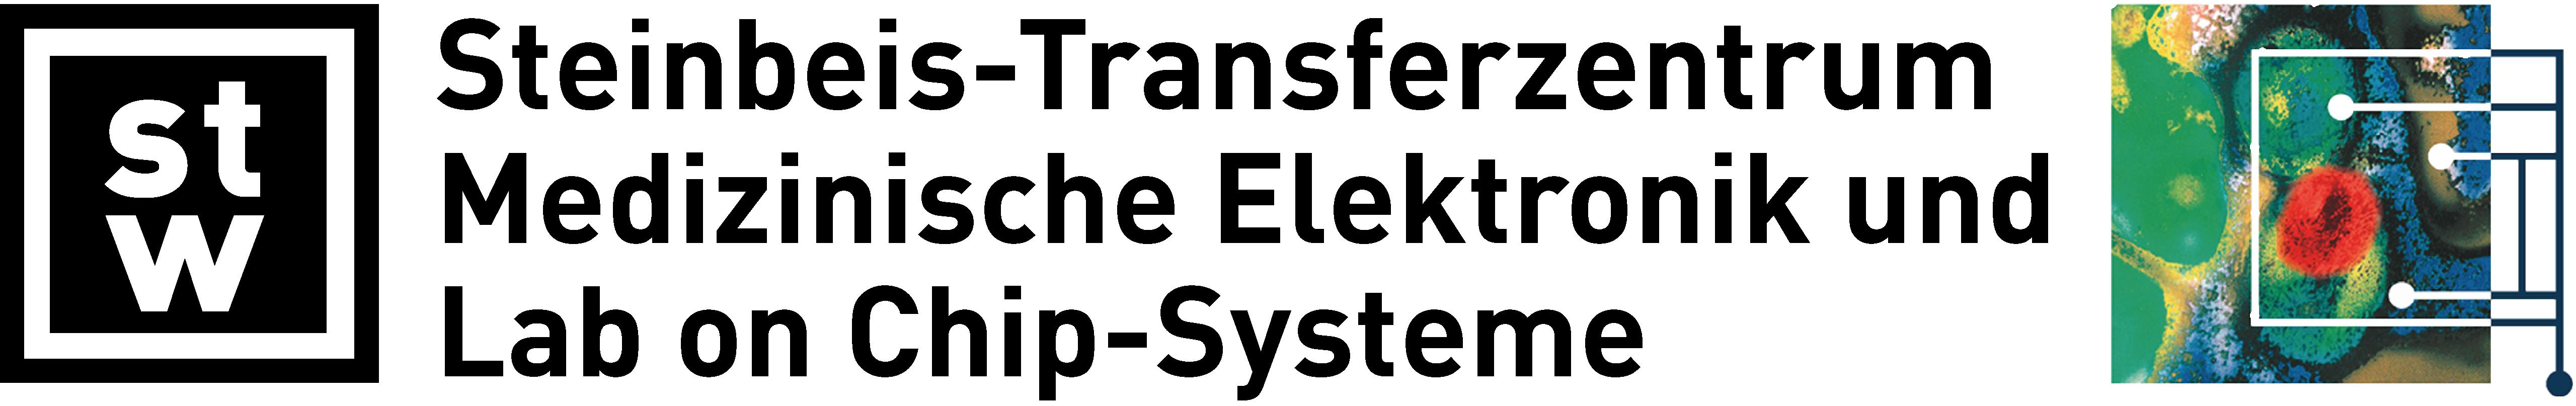 Steinbeis-Transferzentrum Medizinische Elektronik